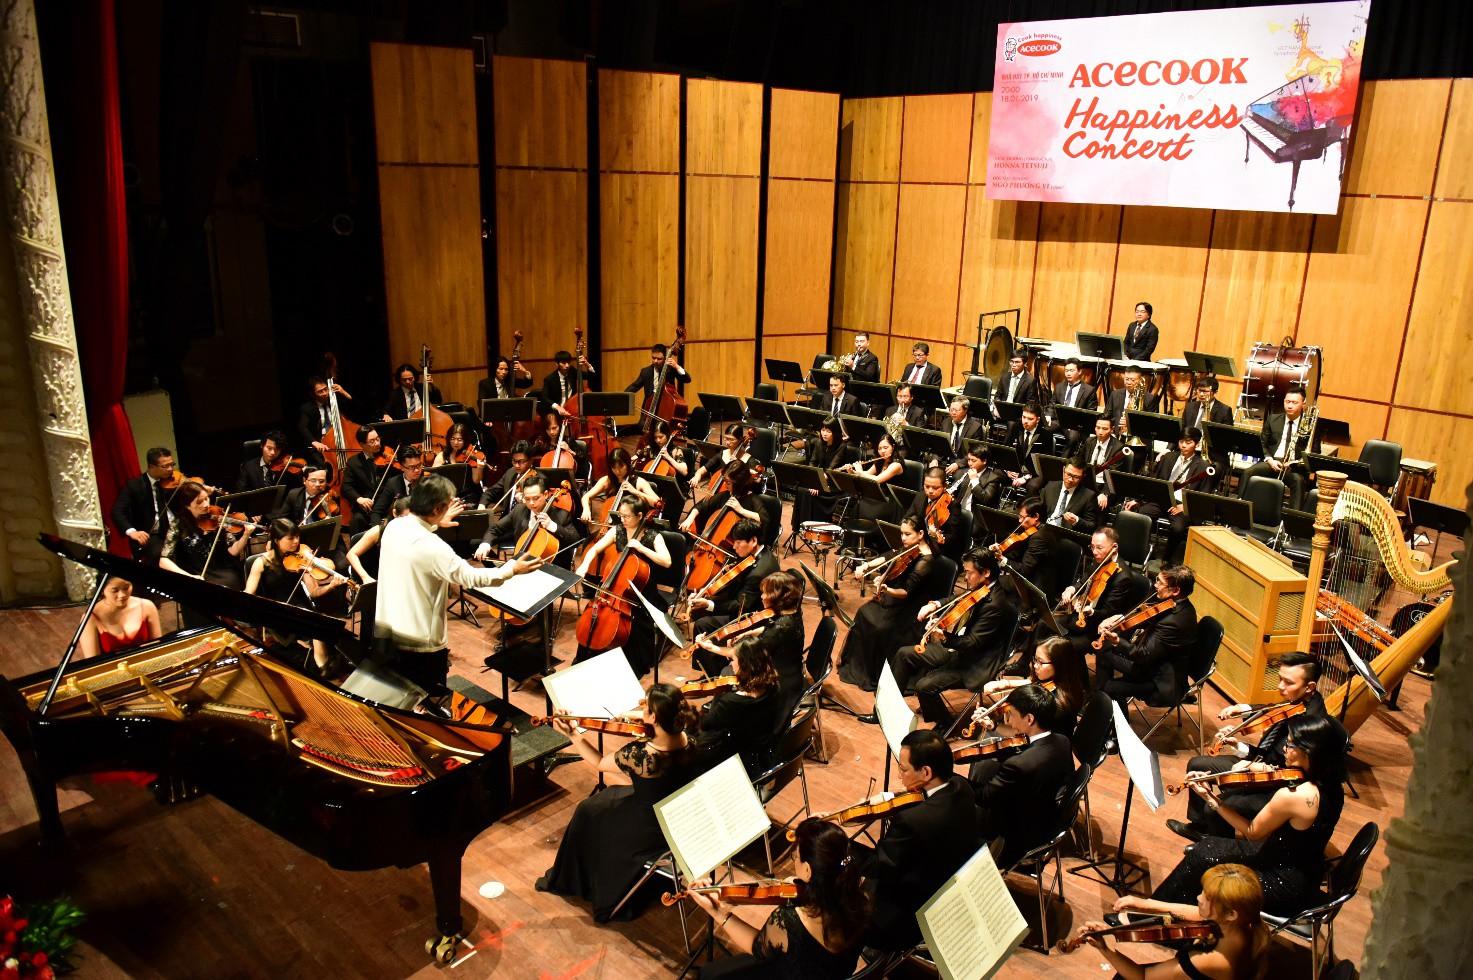 Acecook Việt Nam đem nhạc giao hưởng đến gần công chúng: đường dài lan toả hạnh phúc - Ảnh 6.